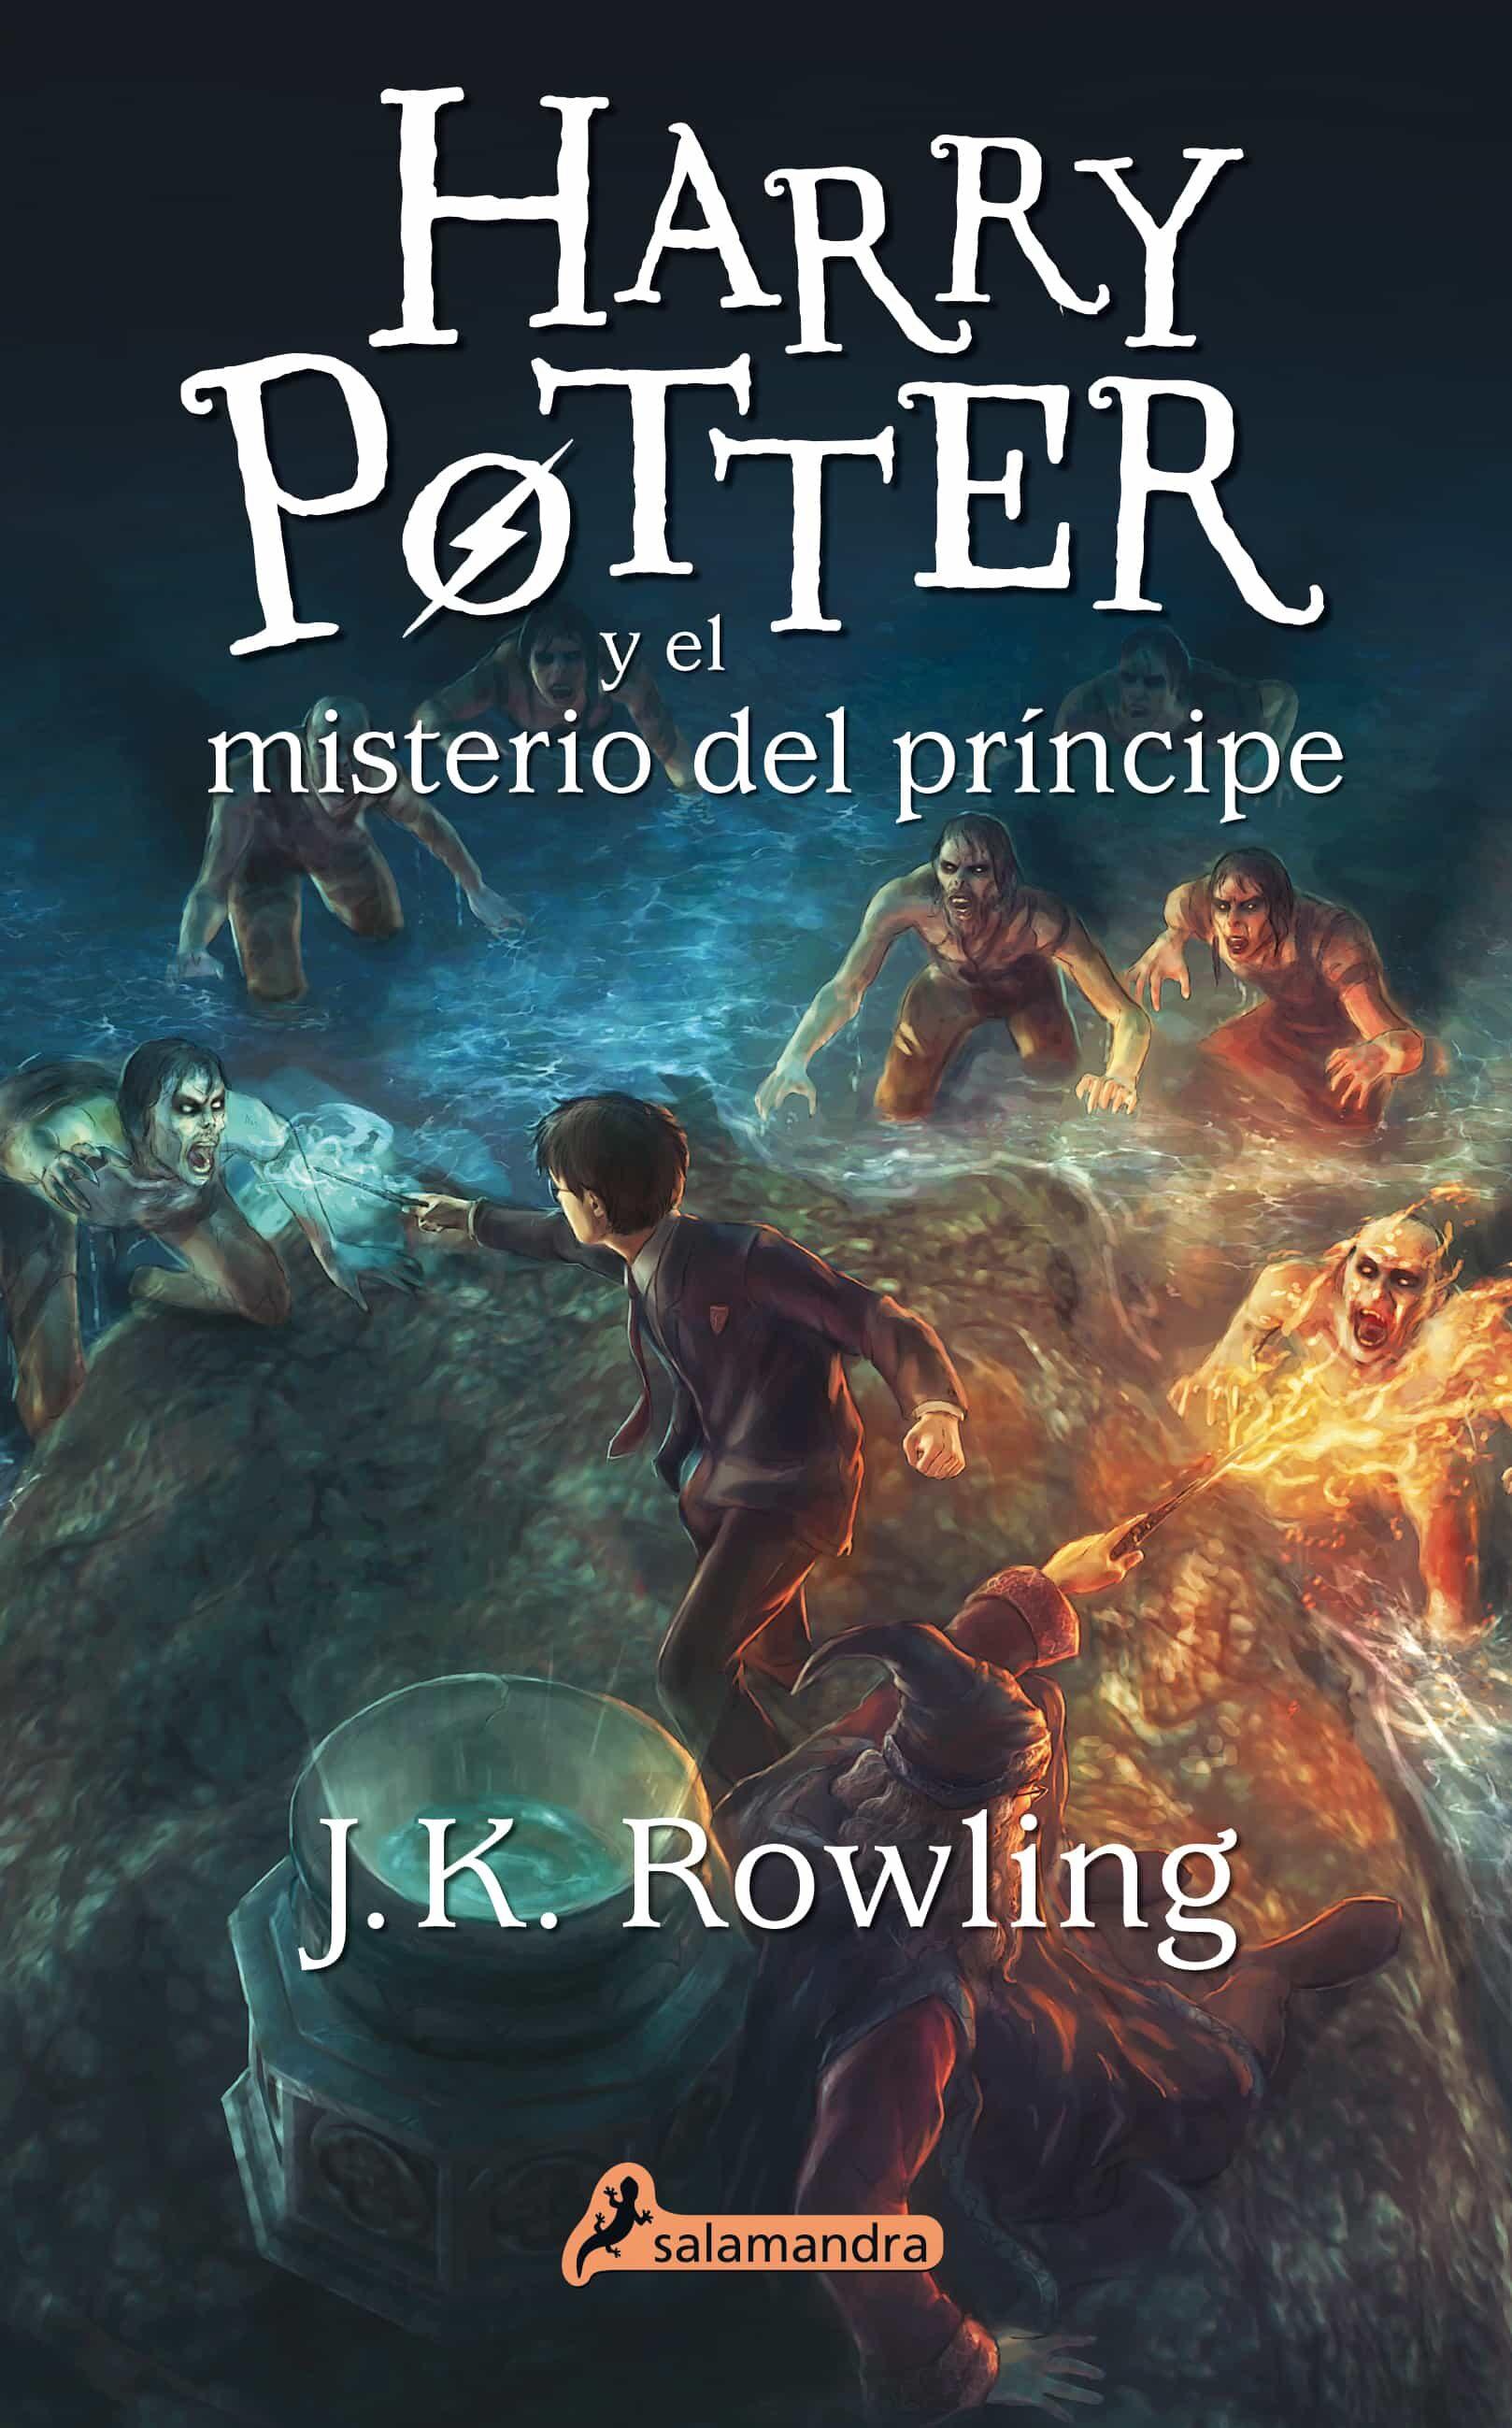 Resultado de imagen de harry potter y el misterio del príncipe libro